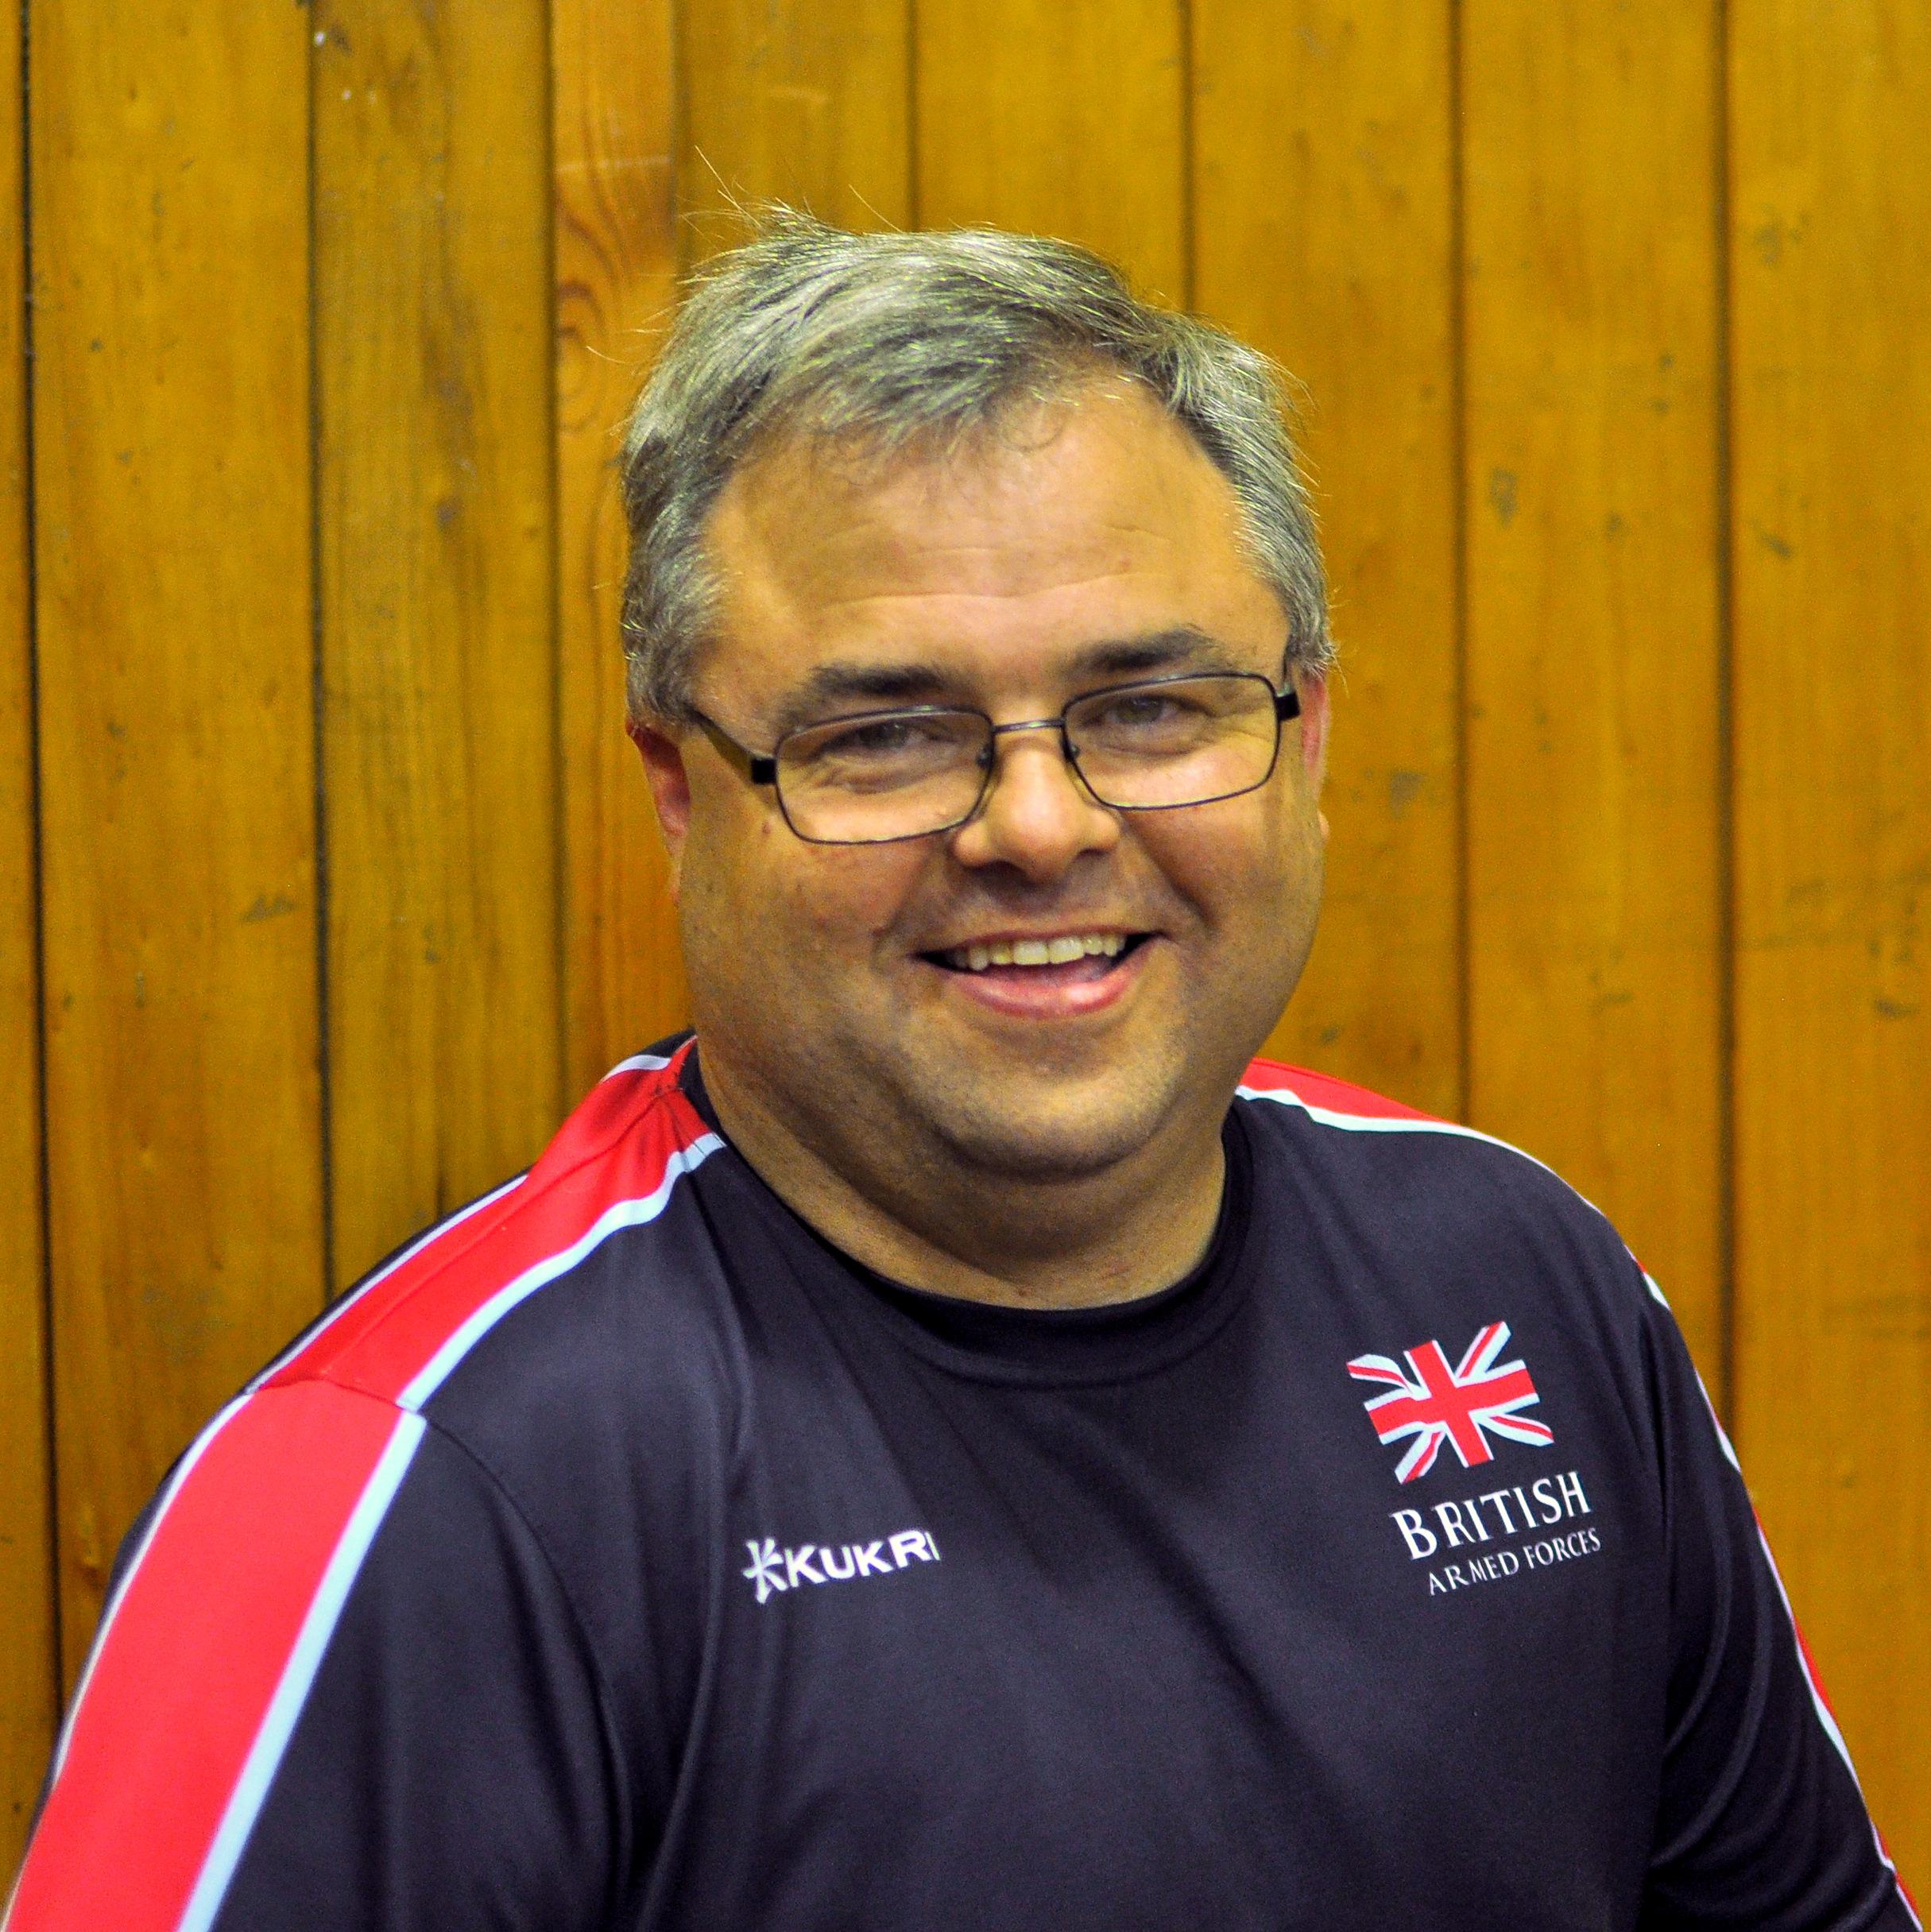 Duncan Moyes